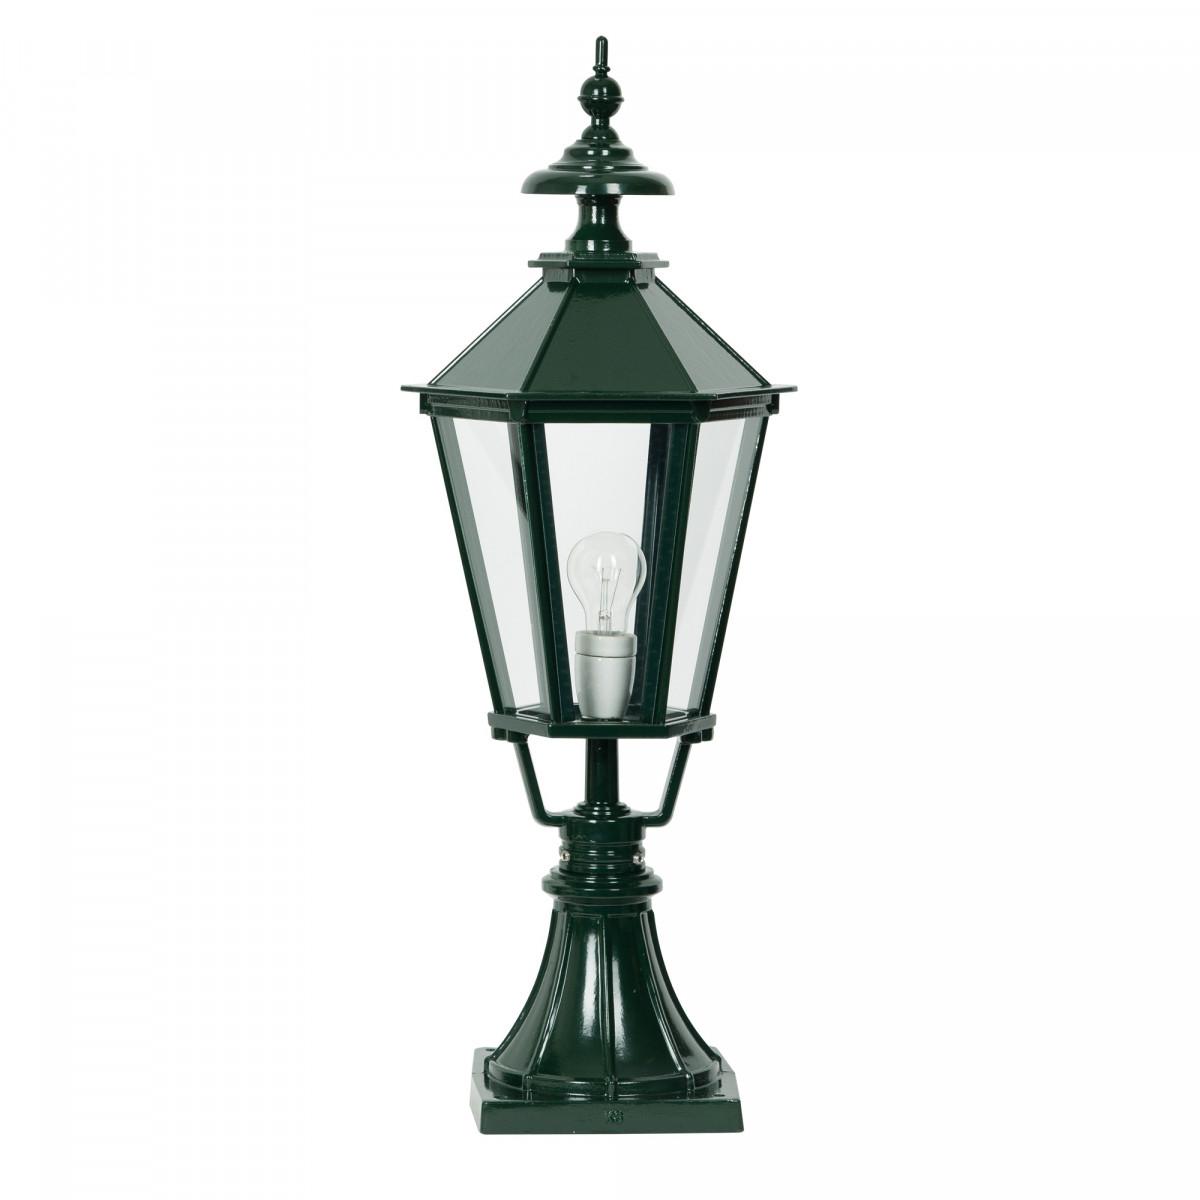 Klassische Gartenlampe Oxford 13